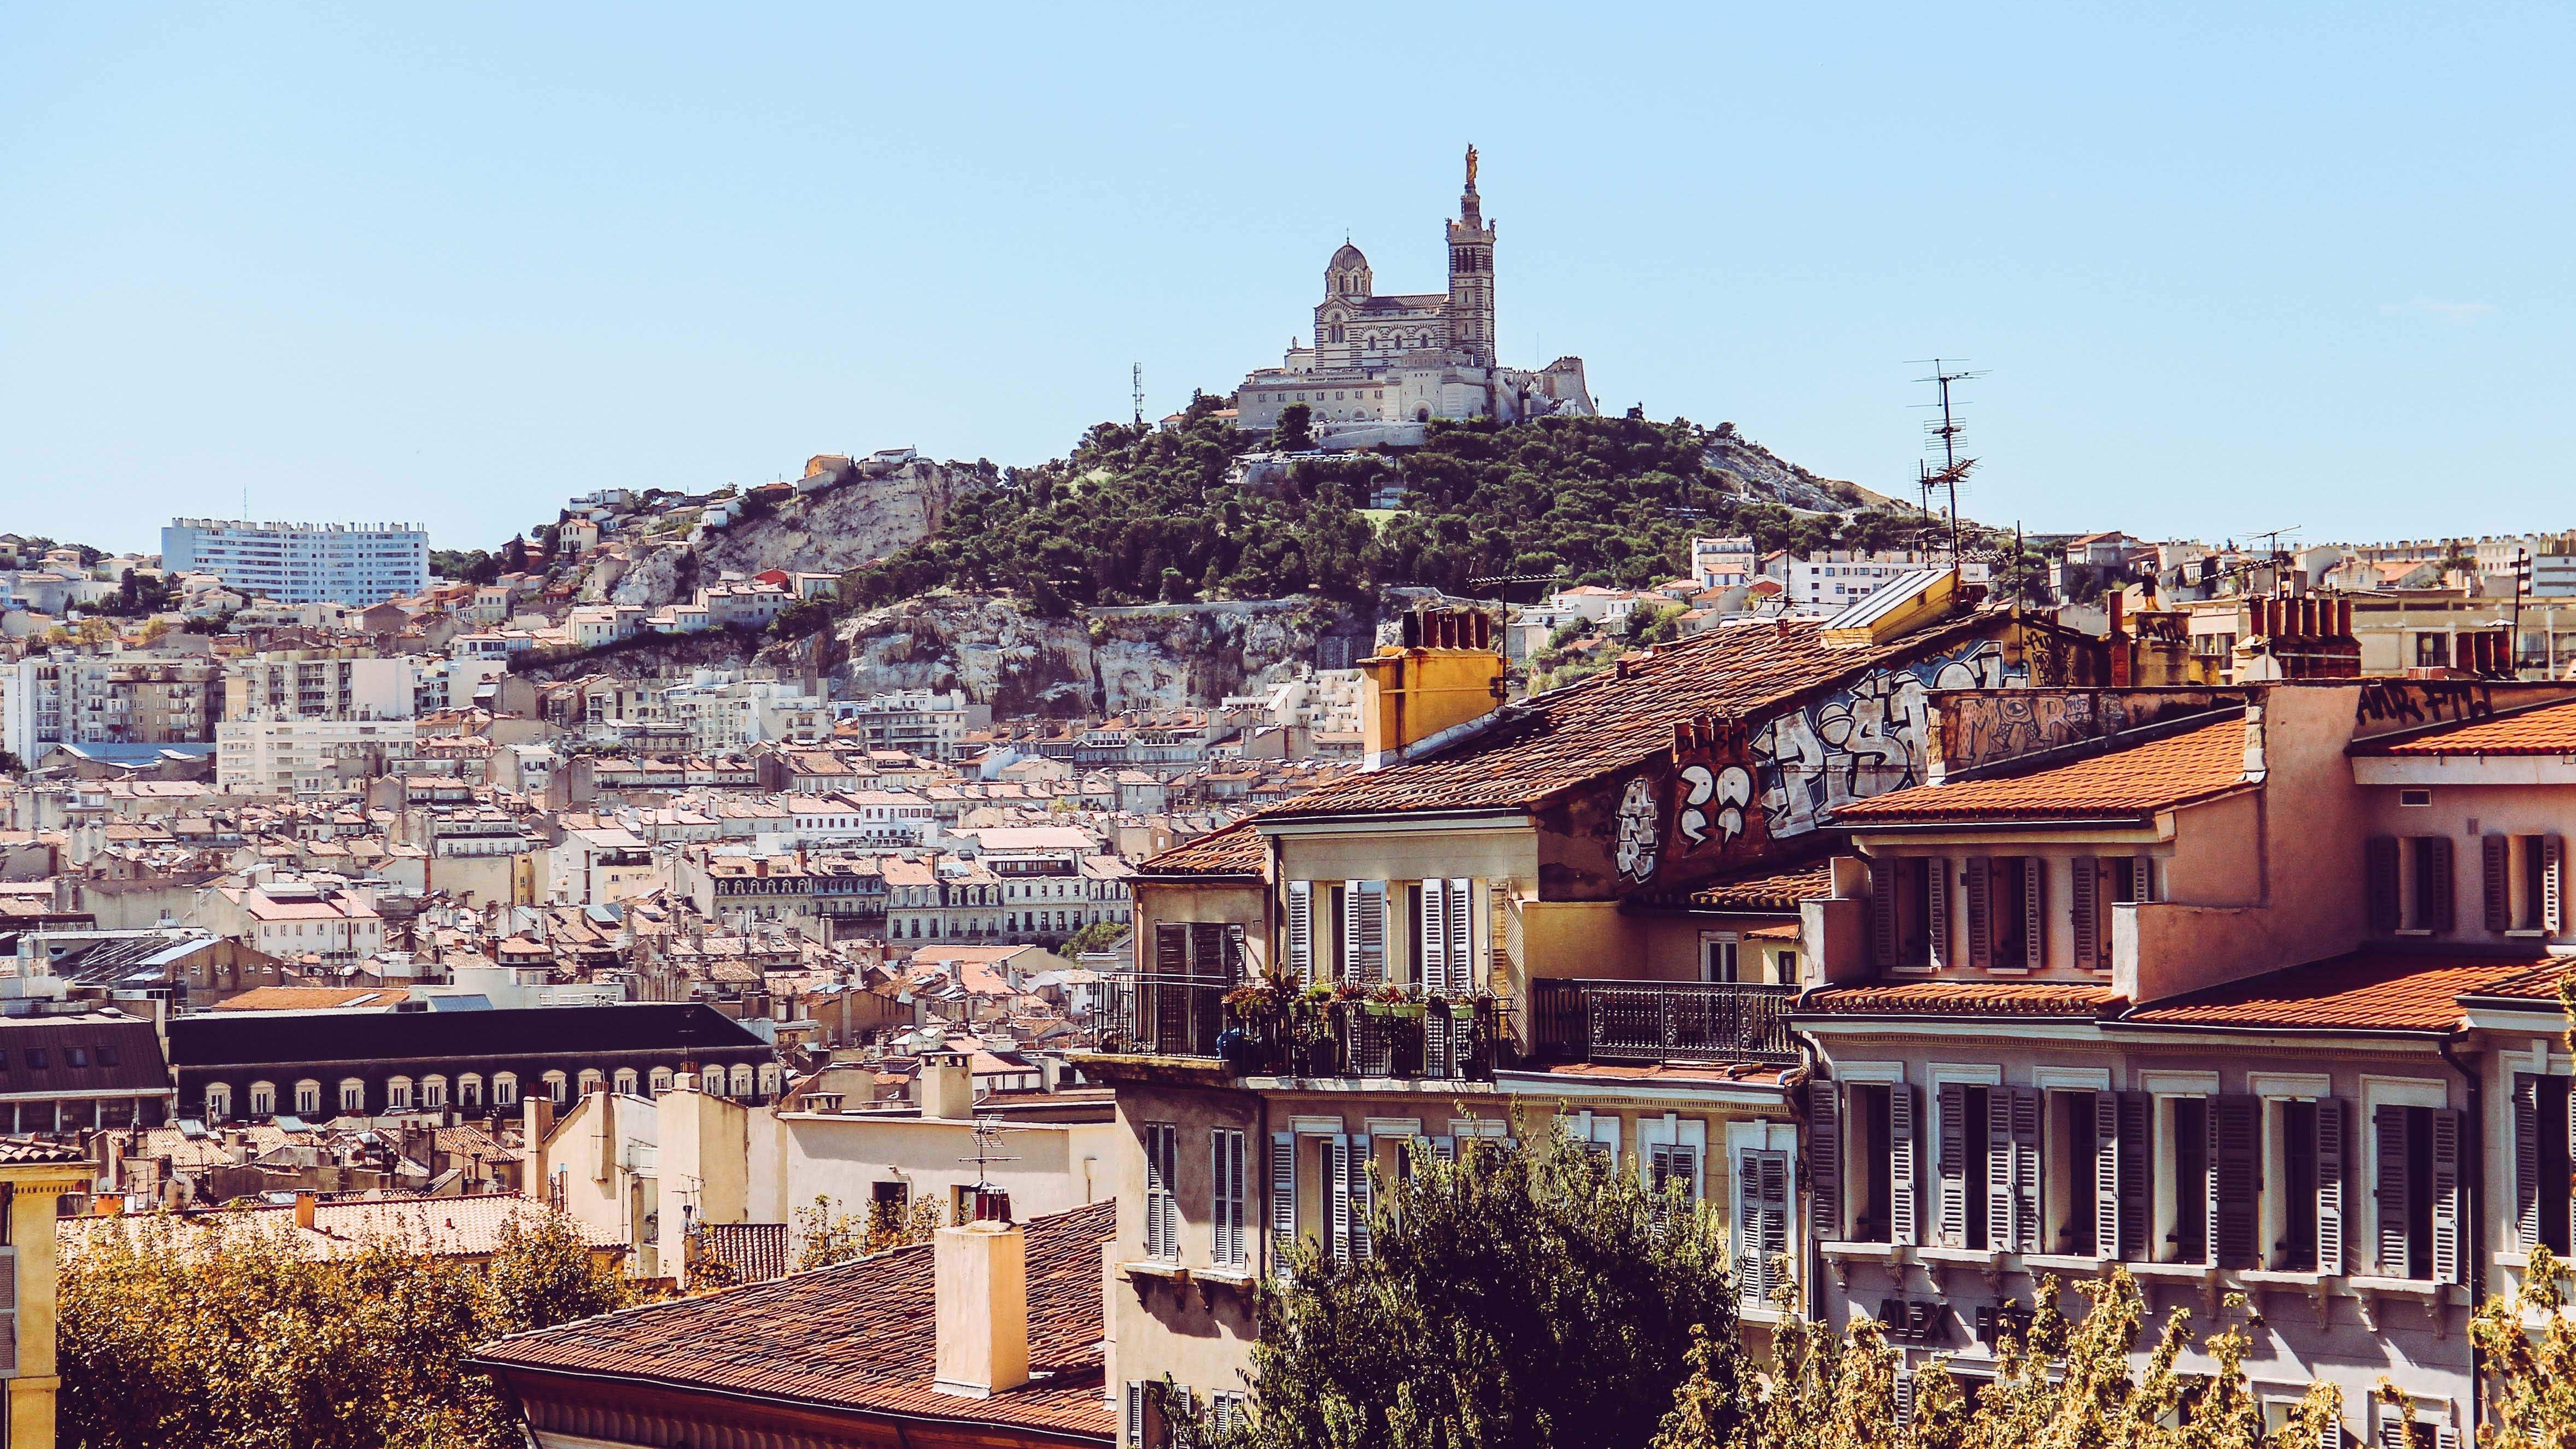 Immobilier: où investissent les locataires parisiens?